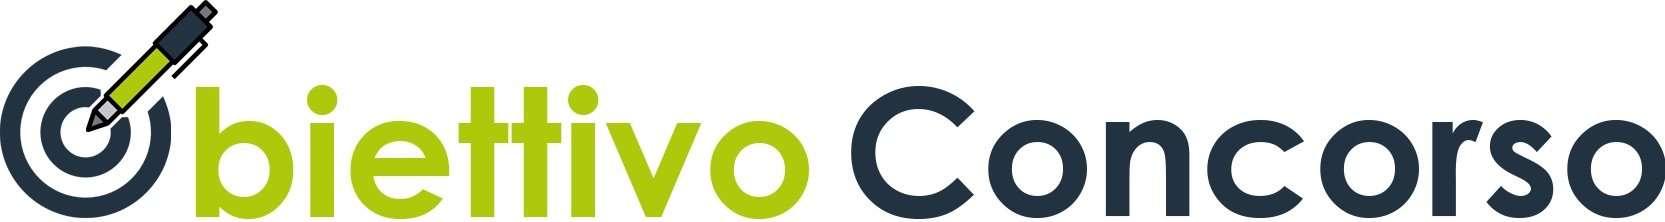 Obiettivo Concorso - Logotype #IOS